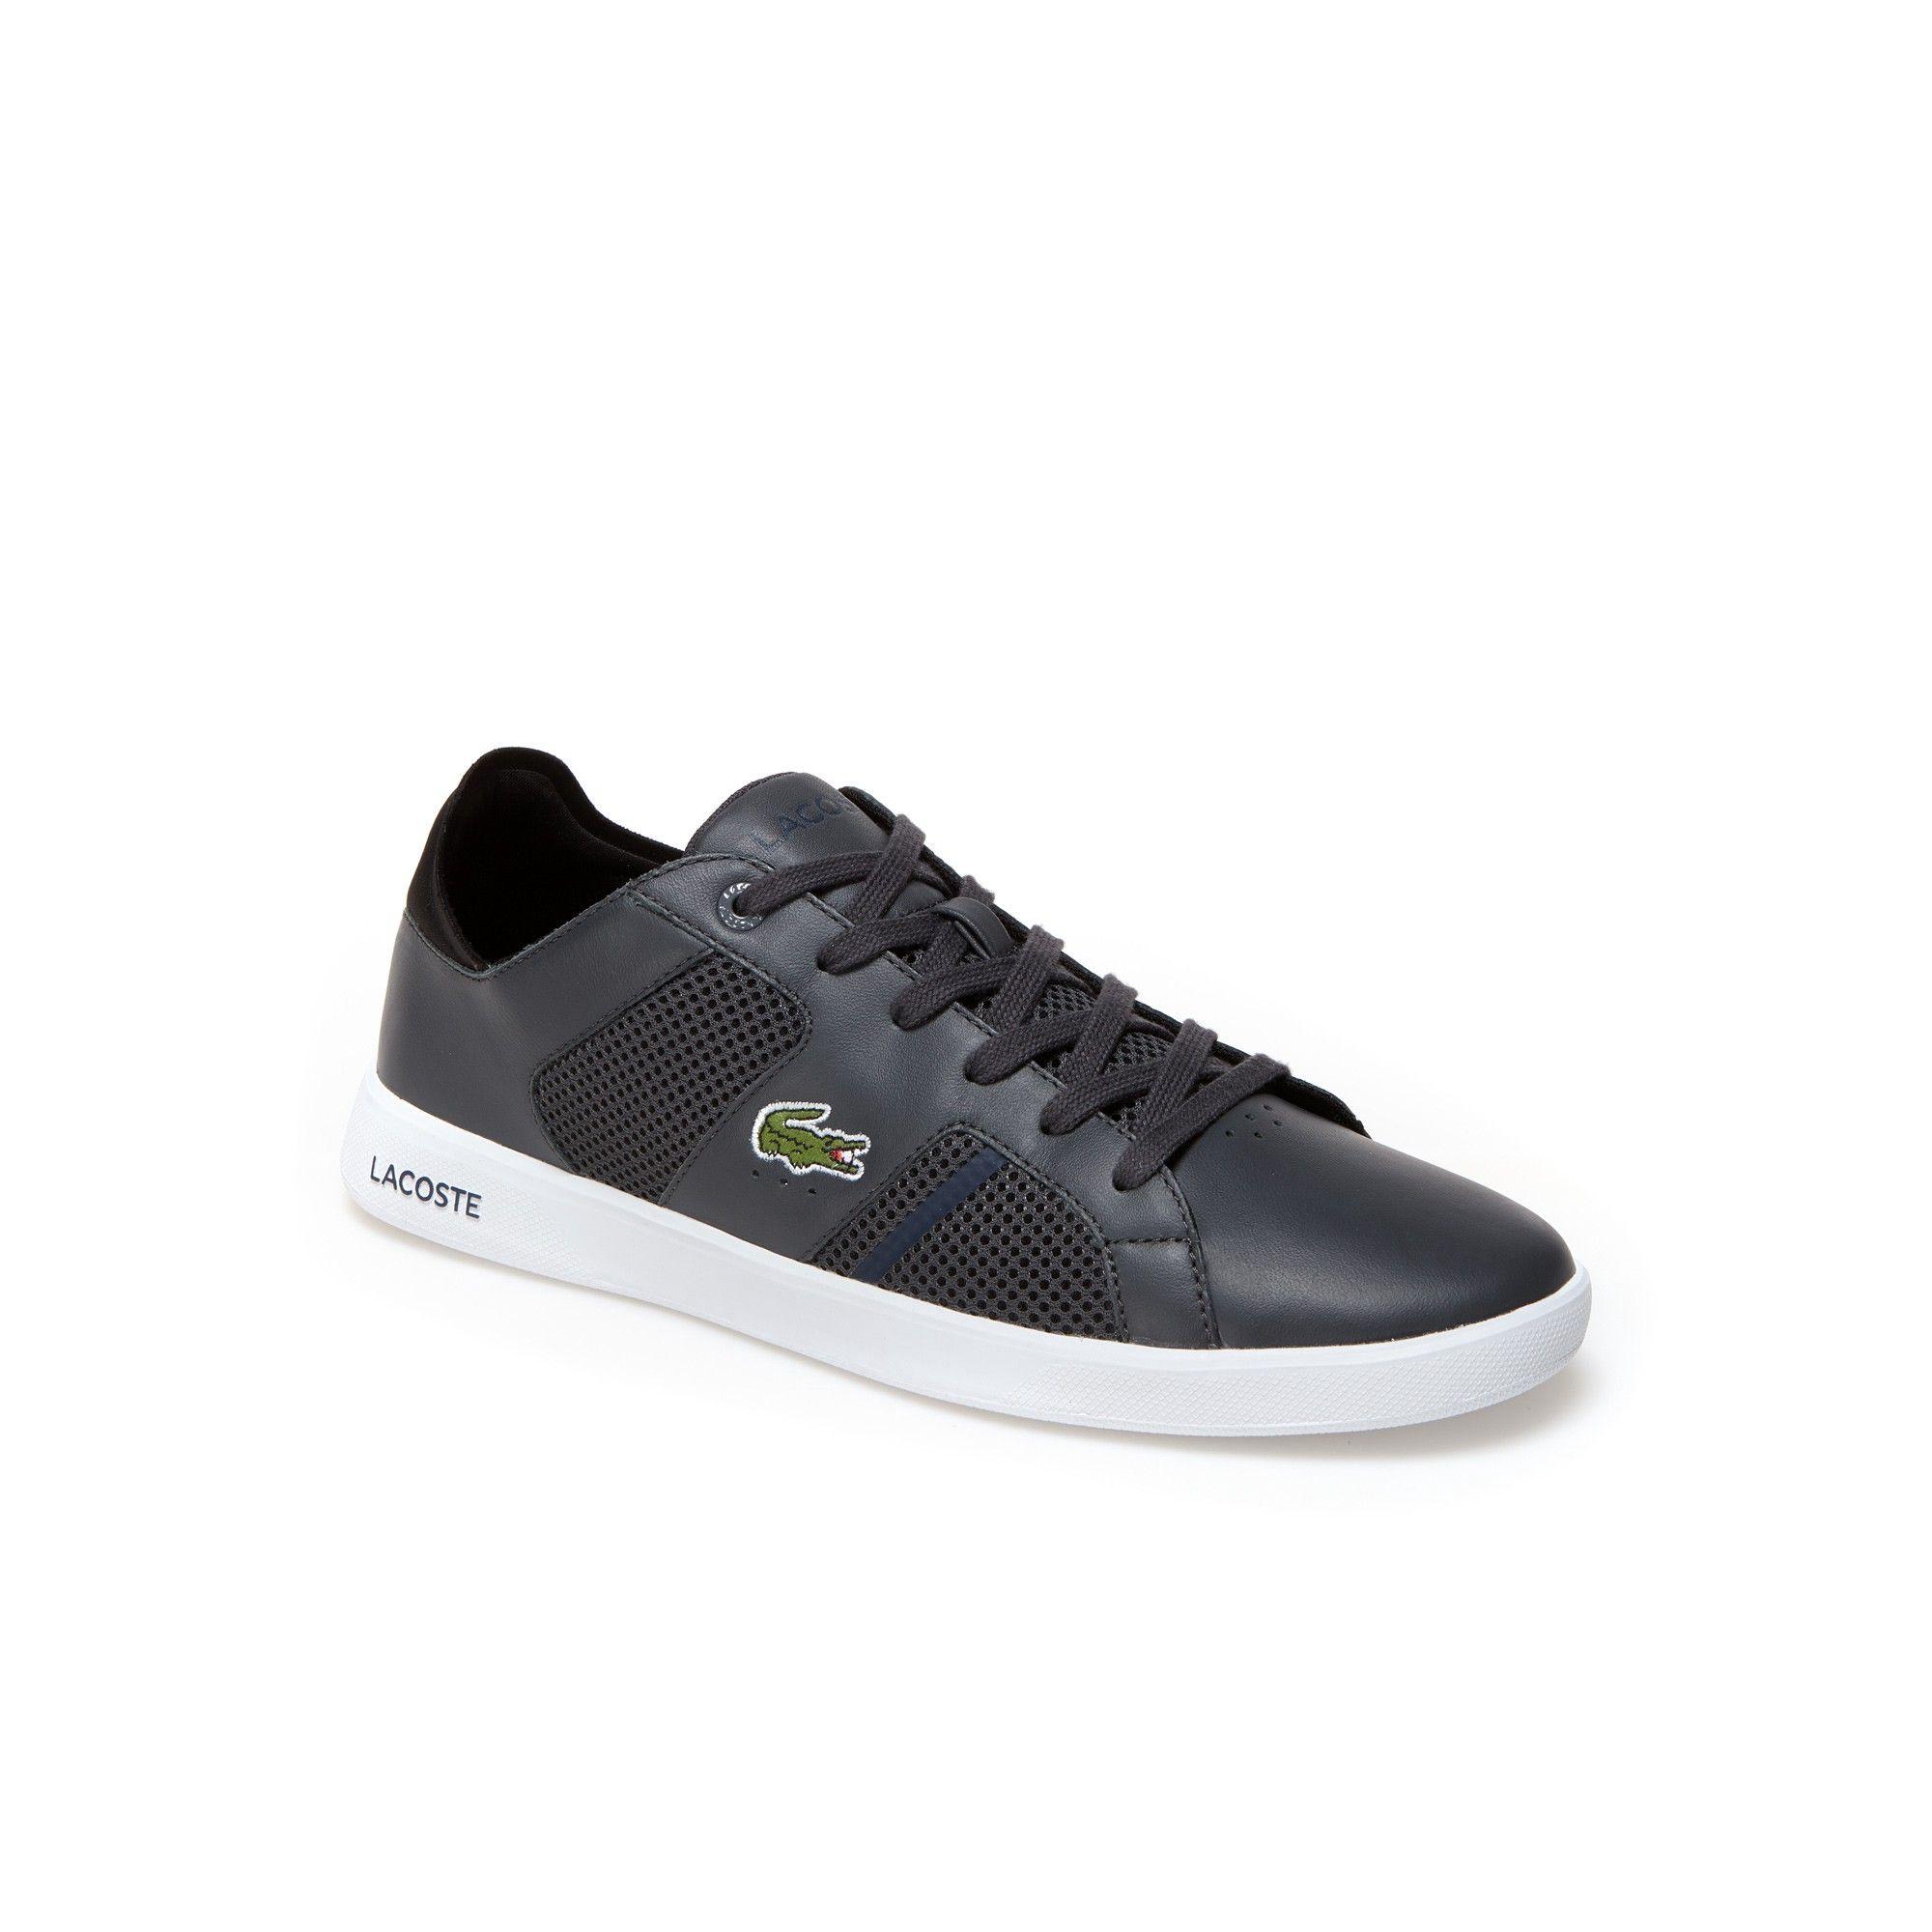 6a7f87feb LACOSTE Men s Novas CT Leather Trainers.  lacoste  shoes